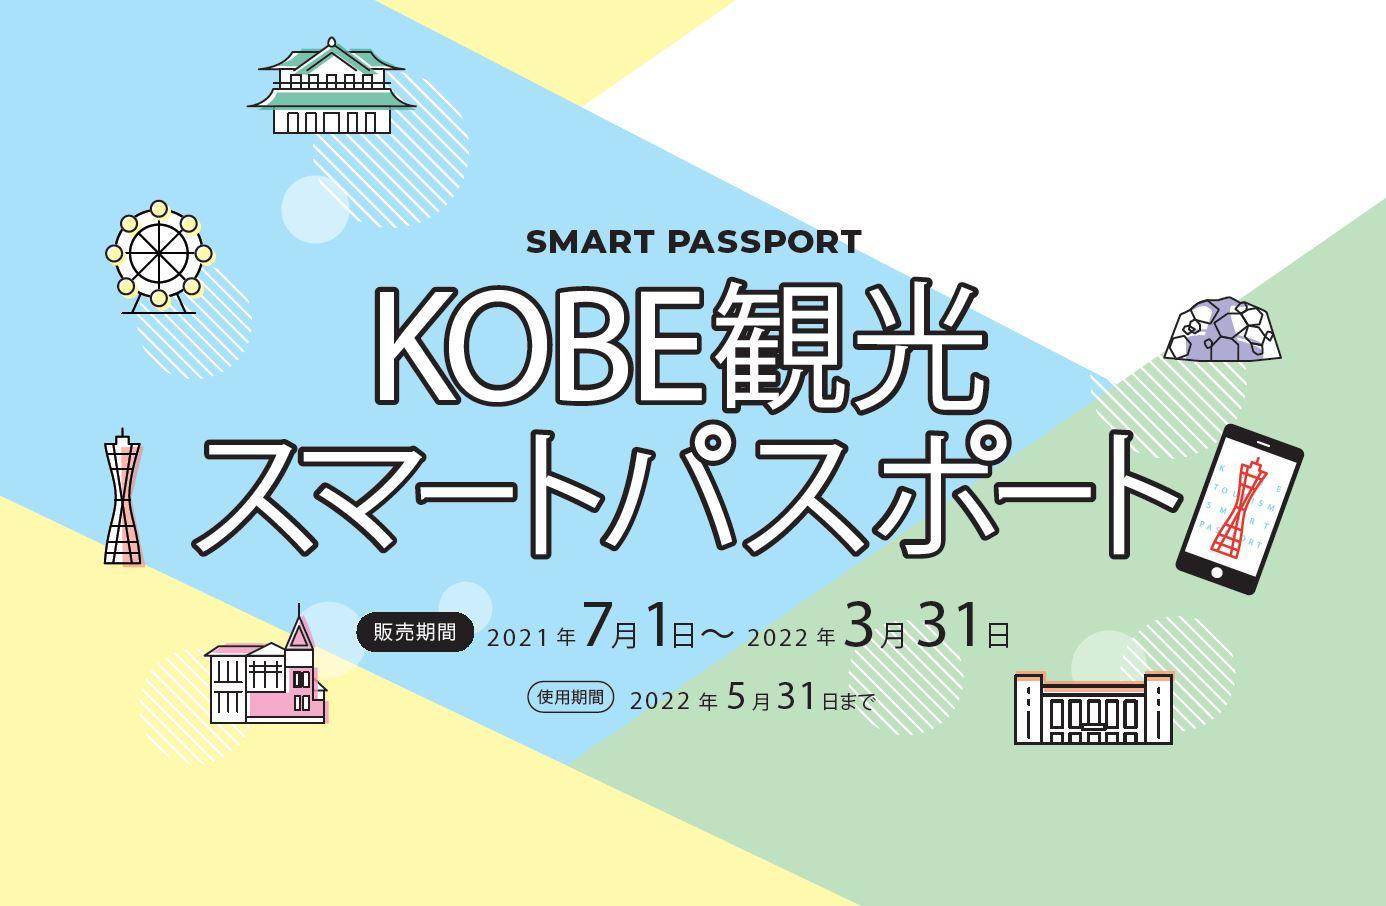 神戸の観光施設を巡り放題!「KOBE観光スマートパスポート」発売中